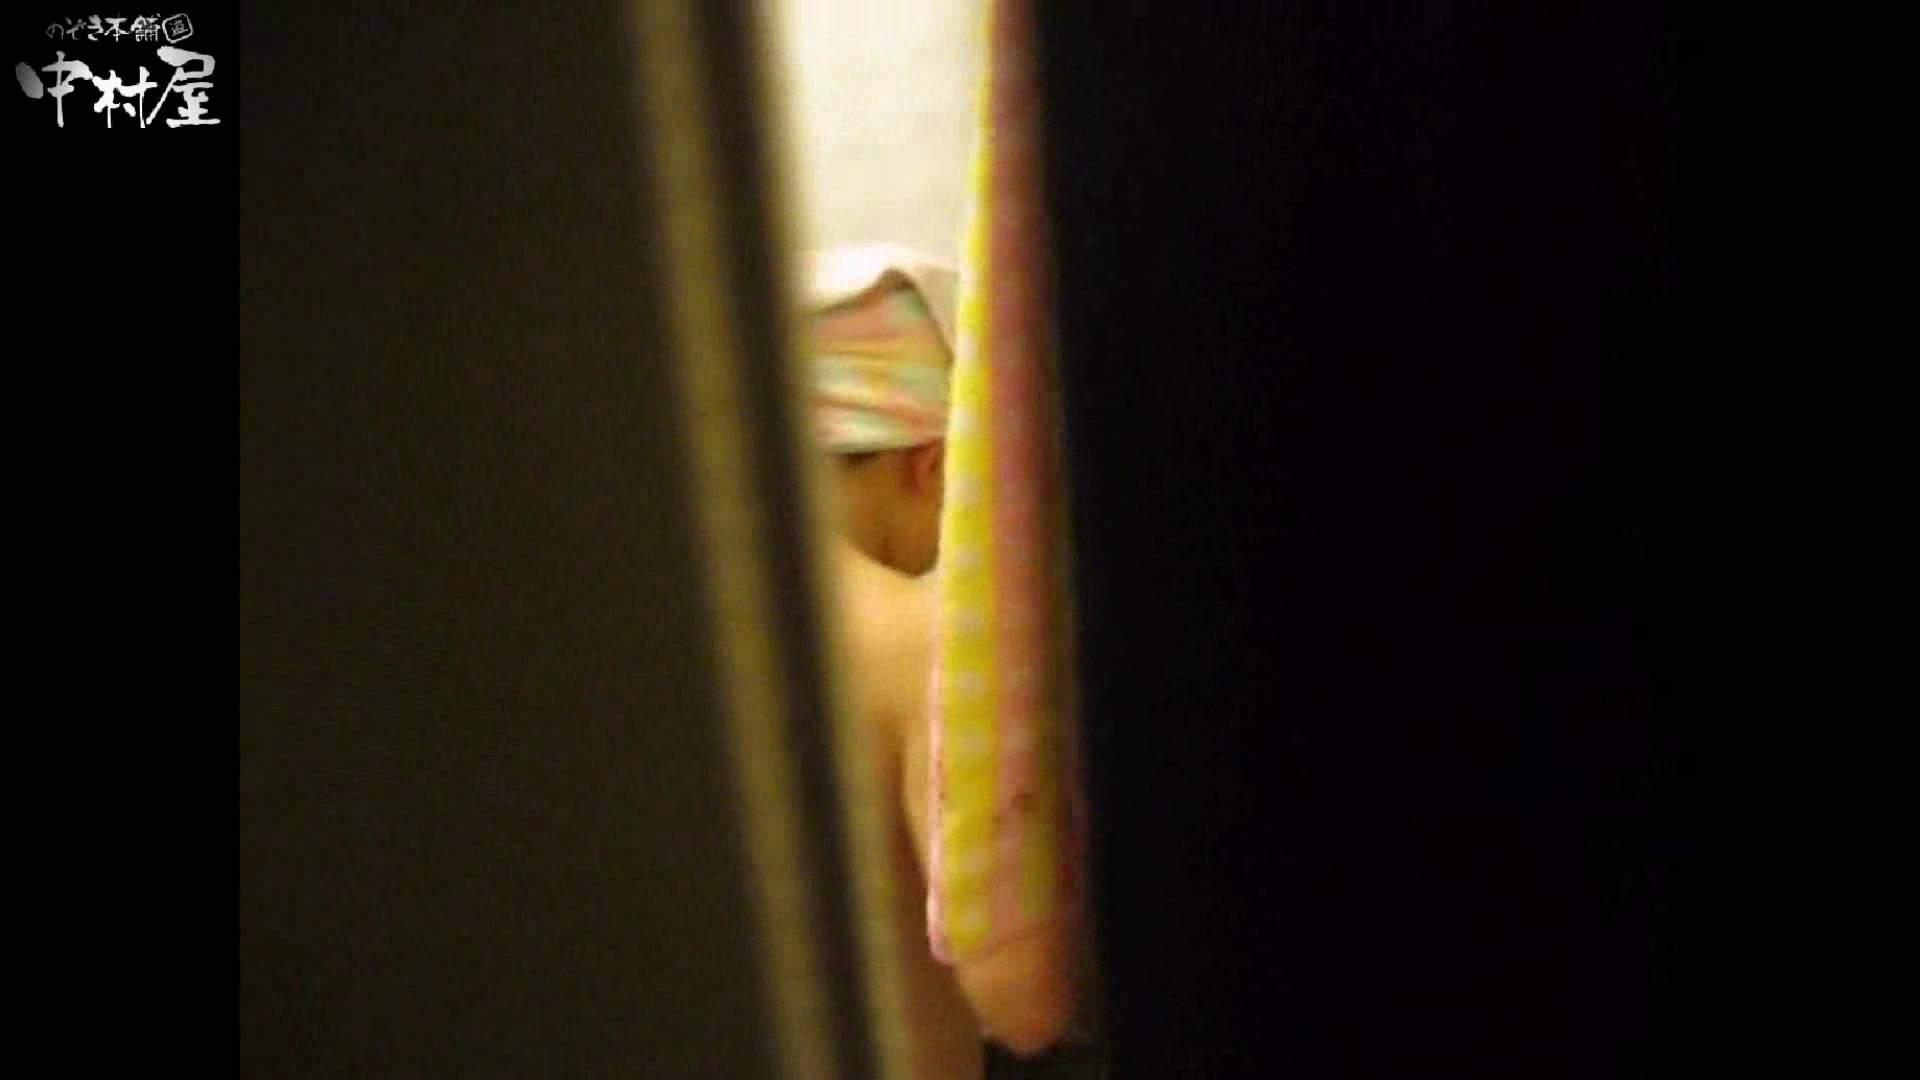 民家風呂専門盗撮師の超危険映像 vol.015 民家 すけべAV動画紹介 107連発 23